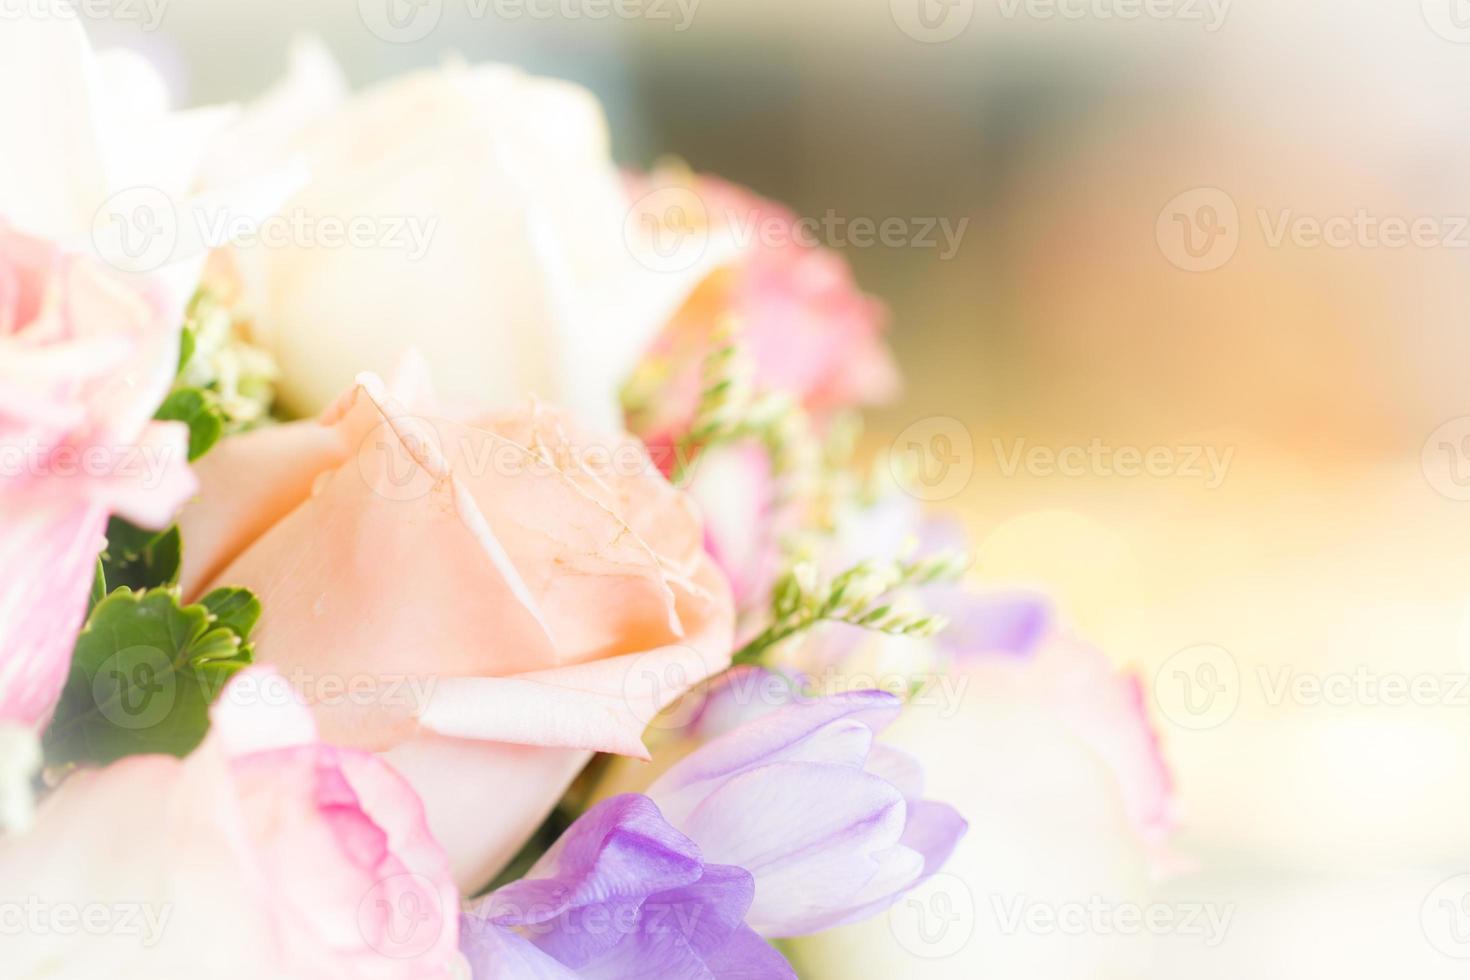 schließen Sie weiche Blumen foto